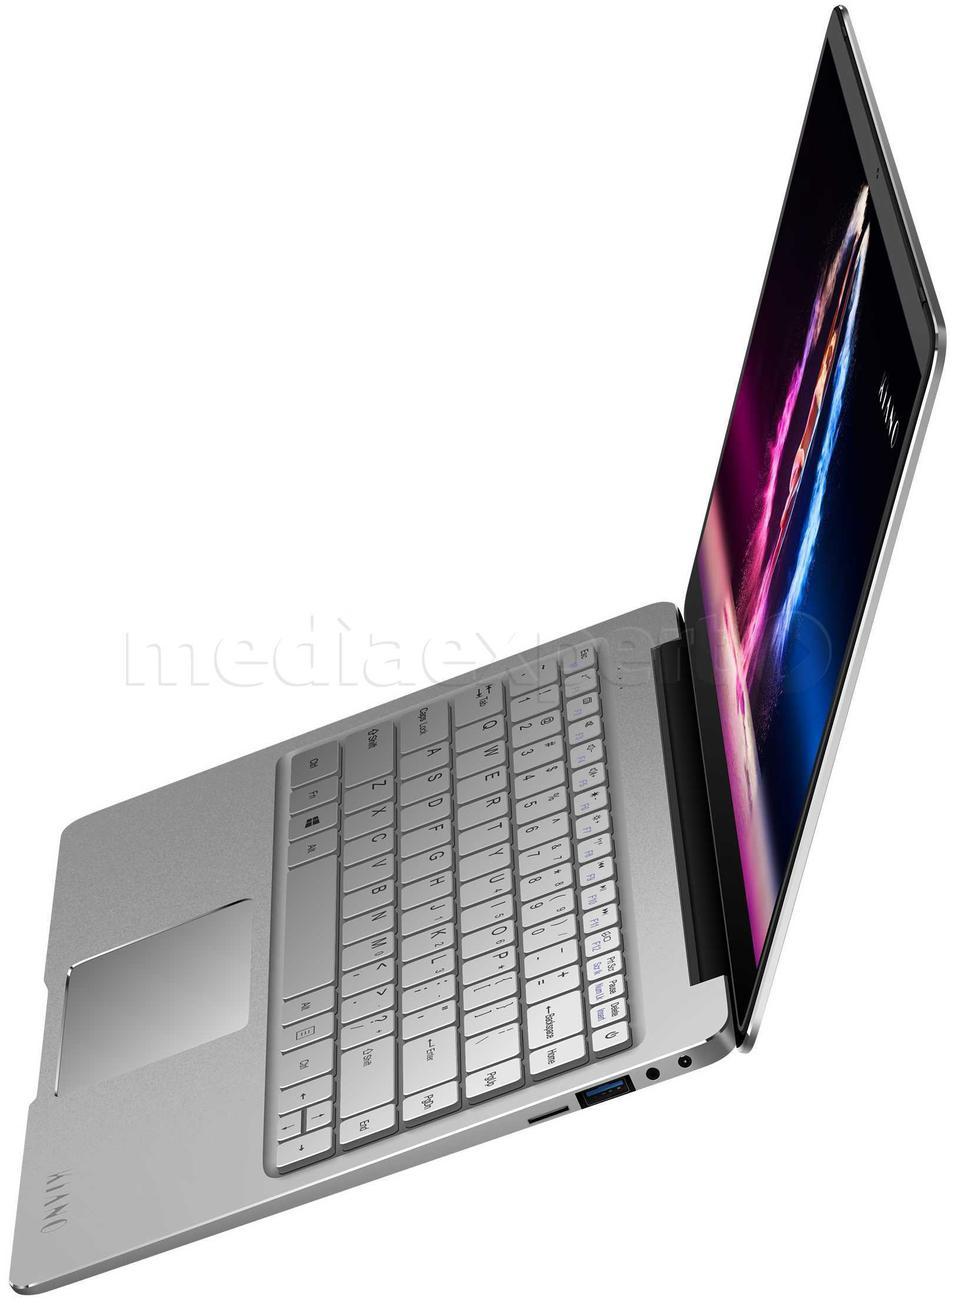 KIANO Elegance 14.2 Pro N4200 4GB 120GB SSD 32GB EMMC W10P